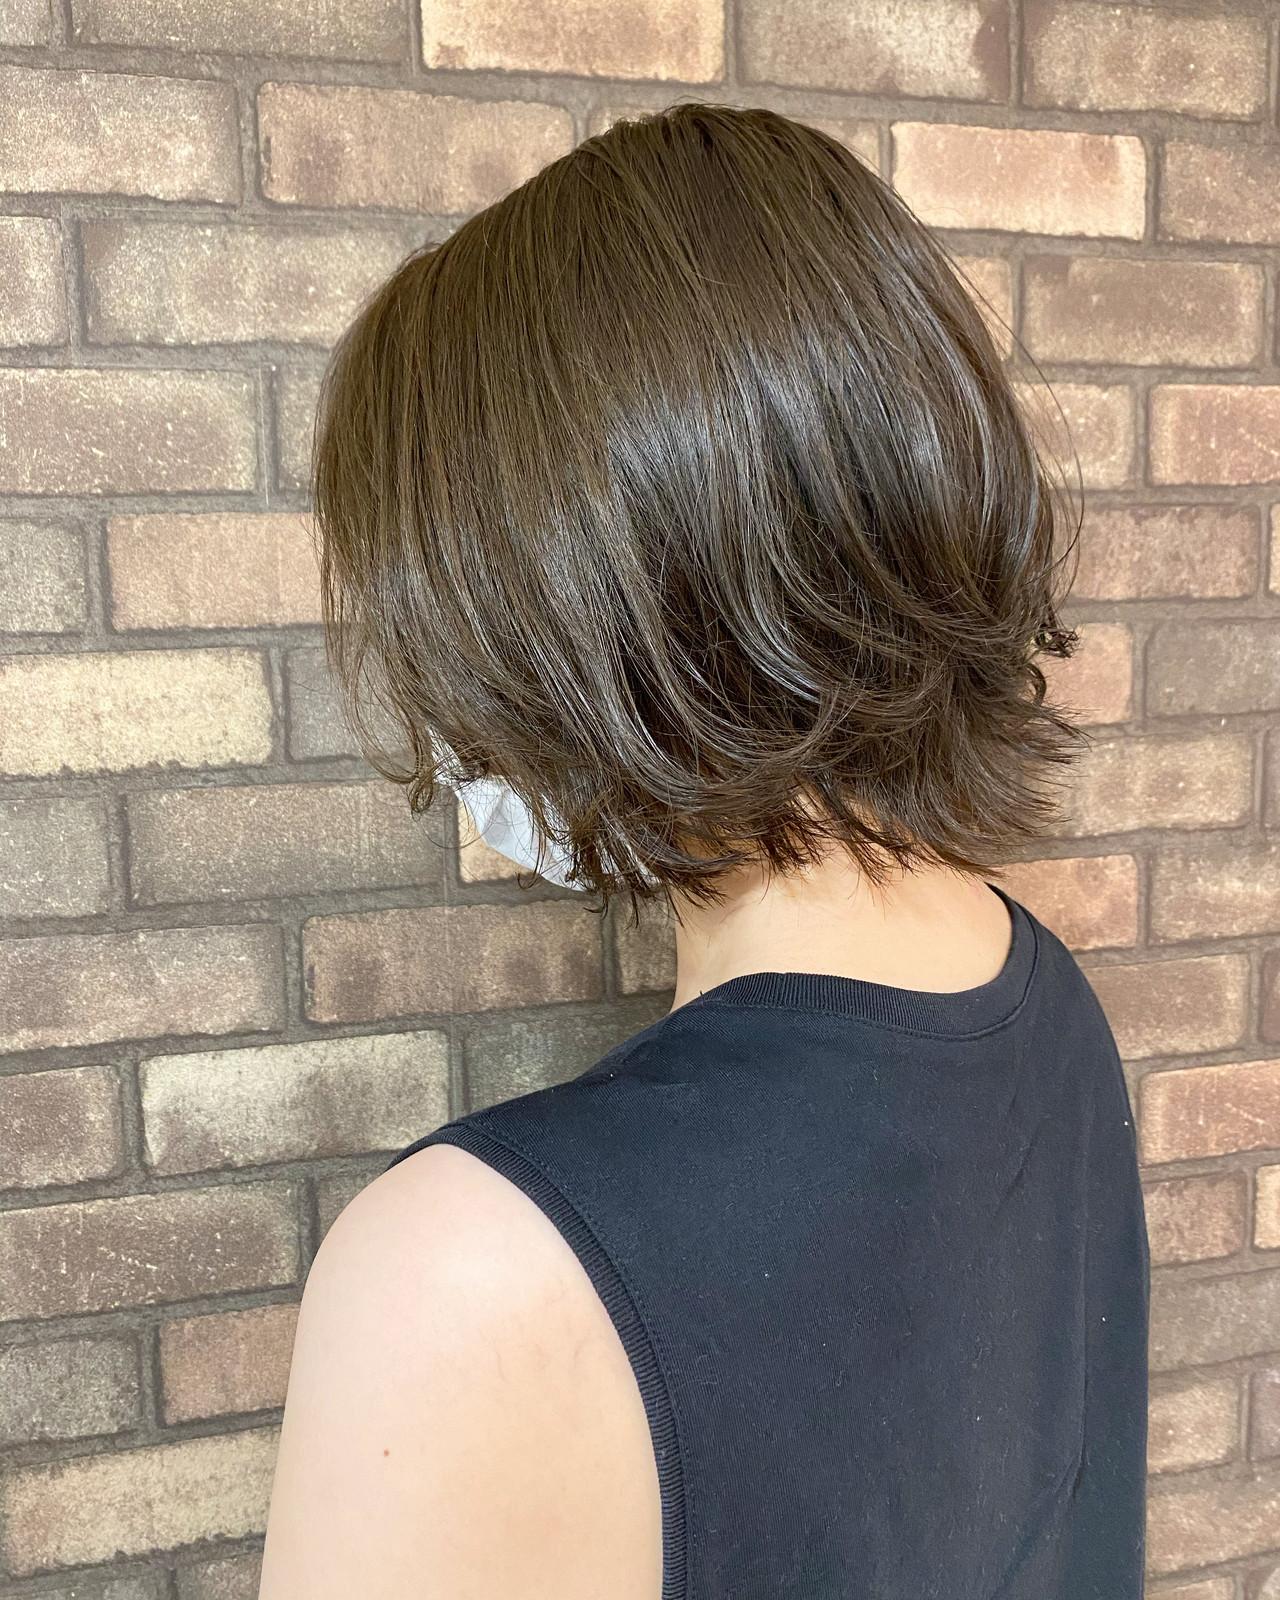 ナチュラル ブルーアッシュ ショートヘア 透明感ヘアスタイルや髪型の写真・画像